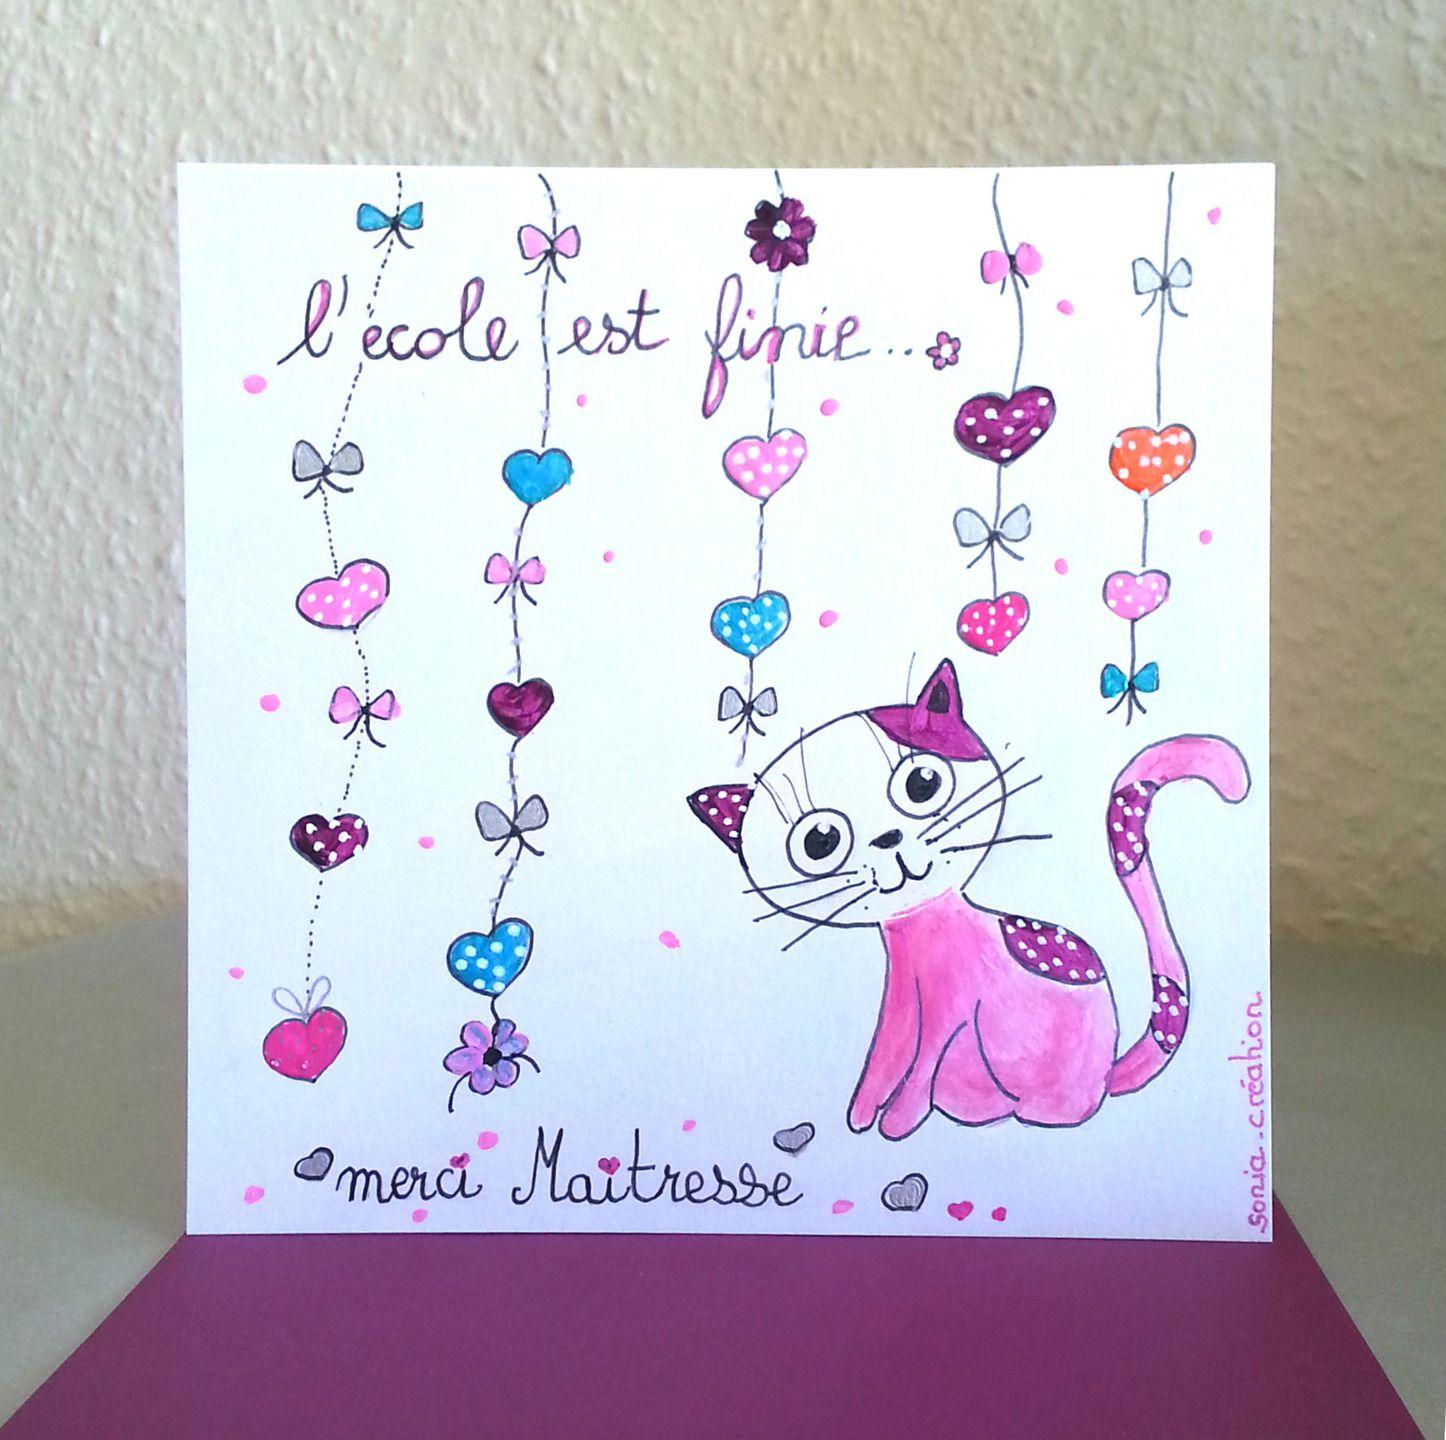 carte merci maitresse carte peinte a la main carte chat carte fait main cartes par sonia. Black Bedroom Furniture Sets. Home Design Ideas